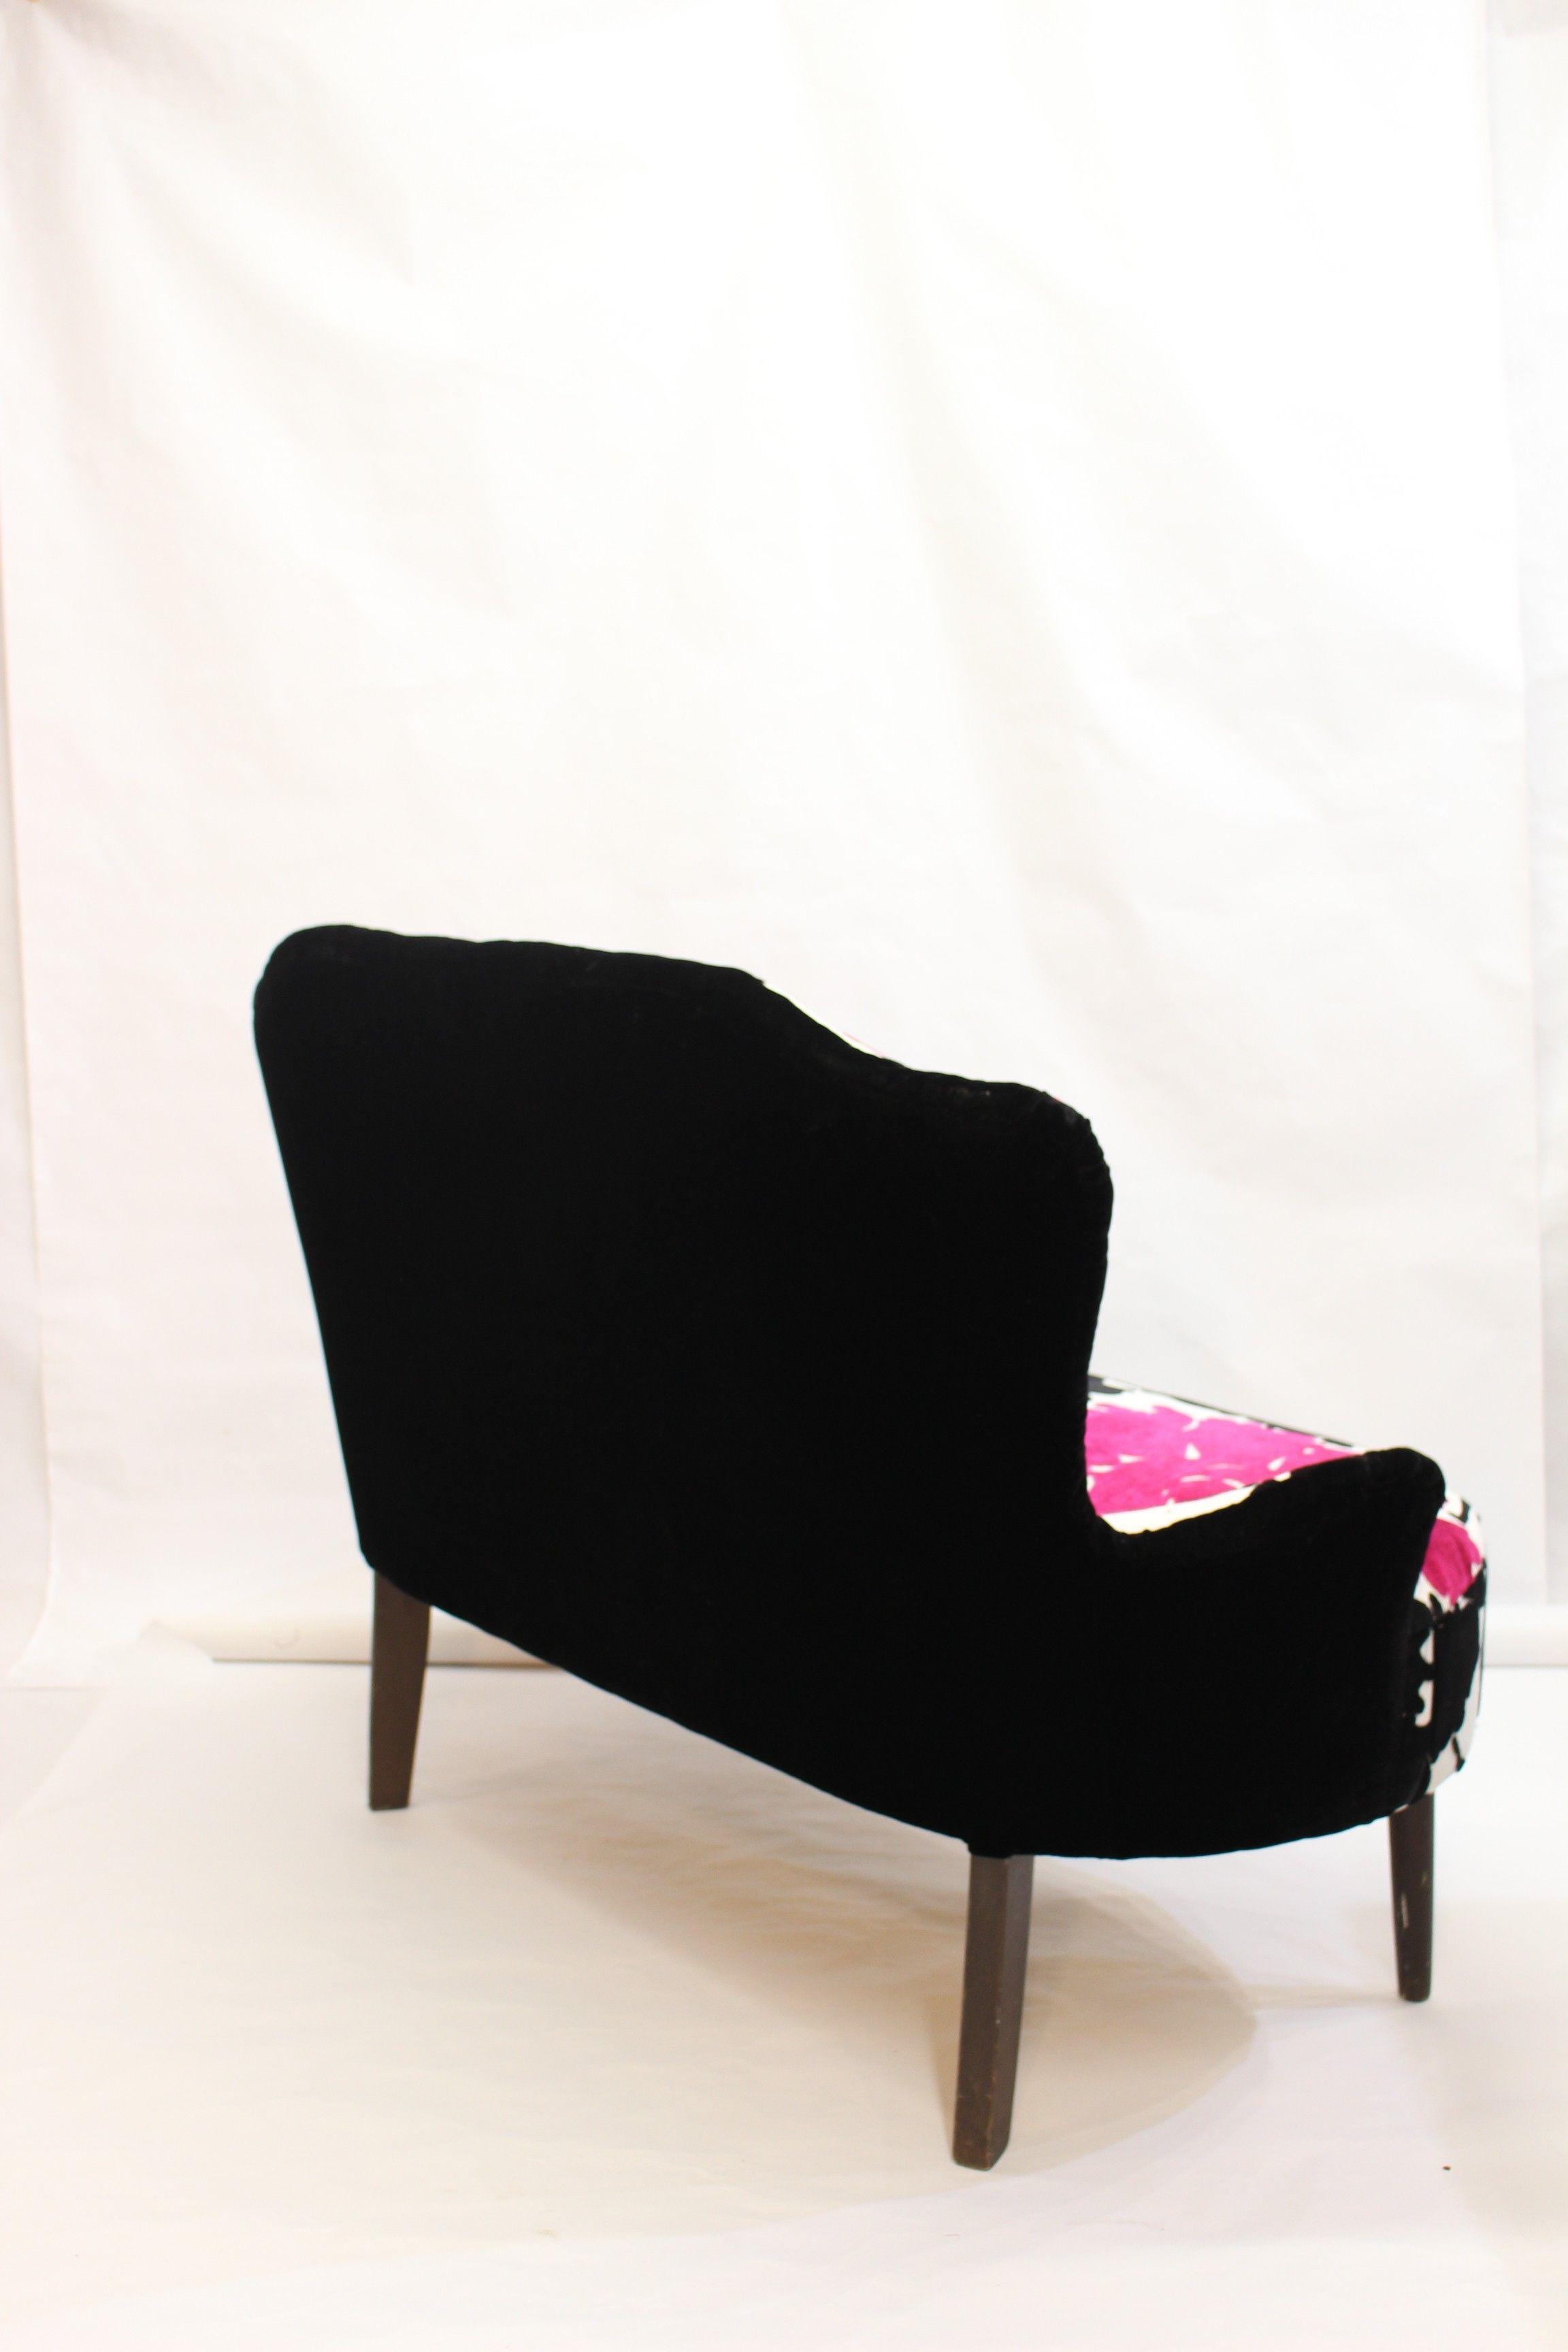 Canape Vintage Suedois Annee 40 50 D Occasion Vintage Design Scandinave Industriel Ancien Vendu Sur Collector Chic Canape Vintage Canape Destockage Meuble